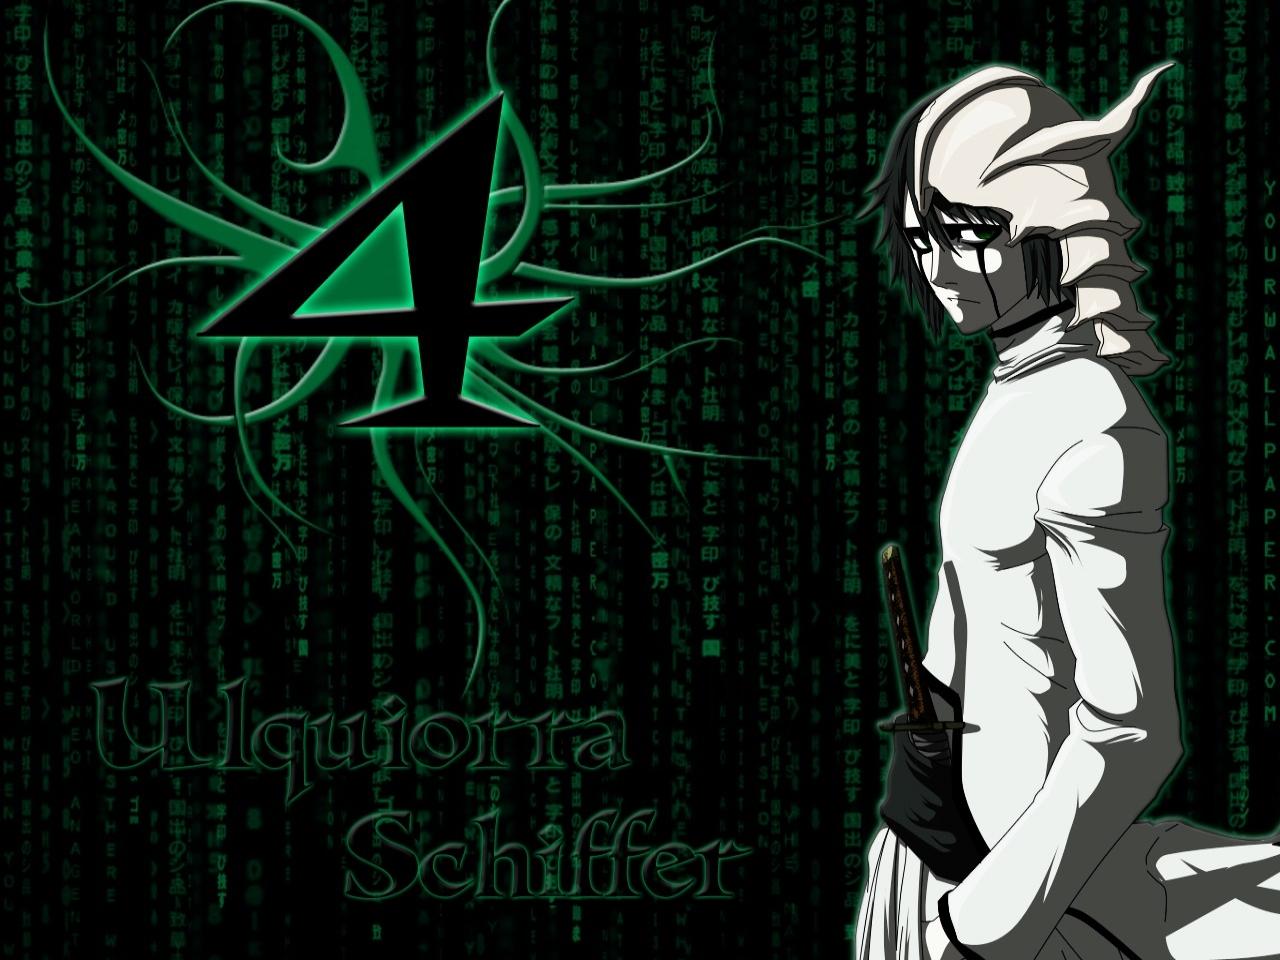 Ulquiorra Schiffer Bleach 1 By Klaushai